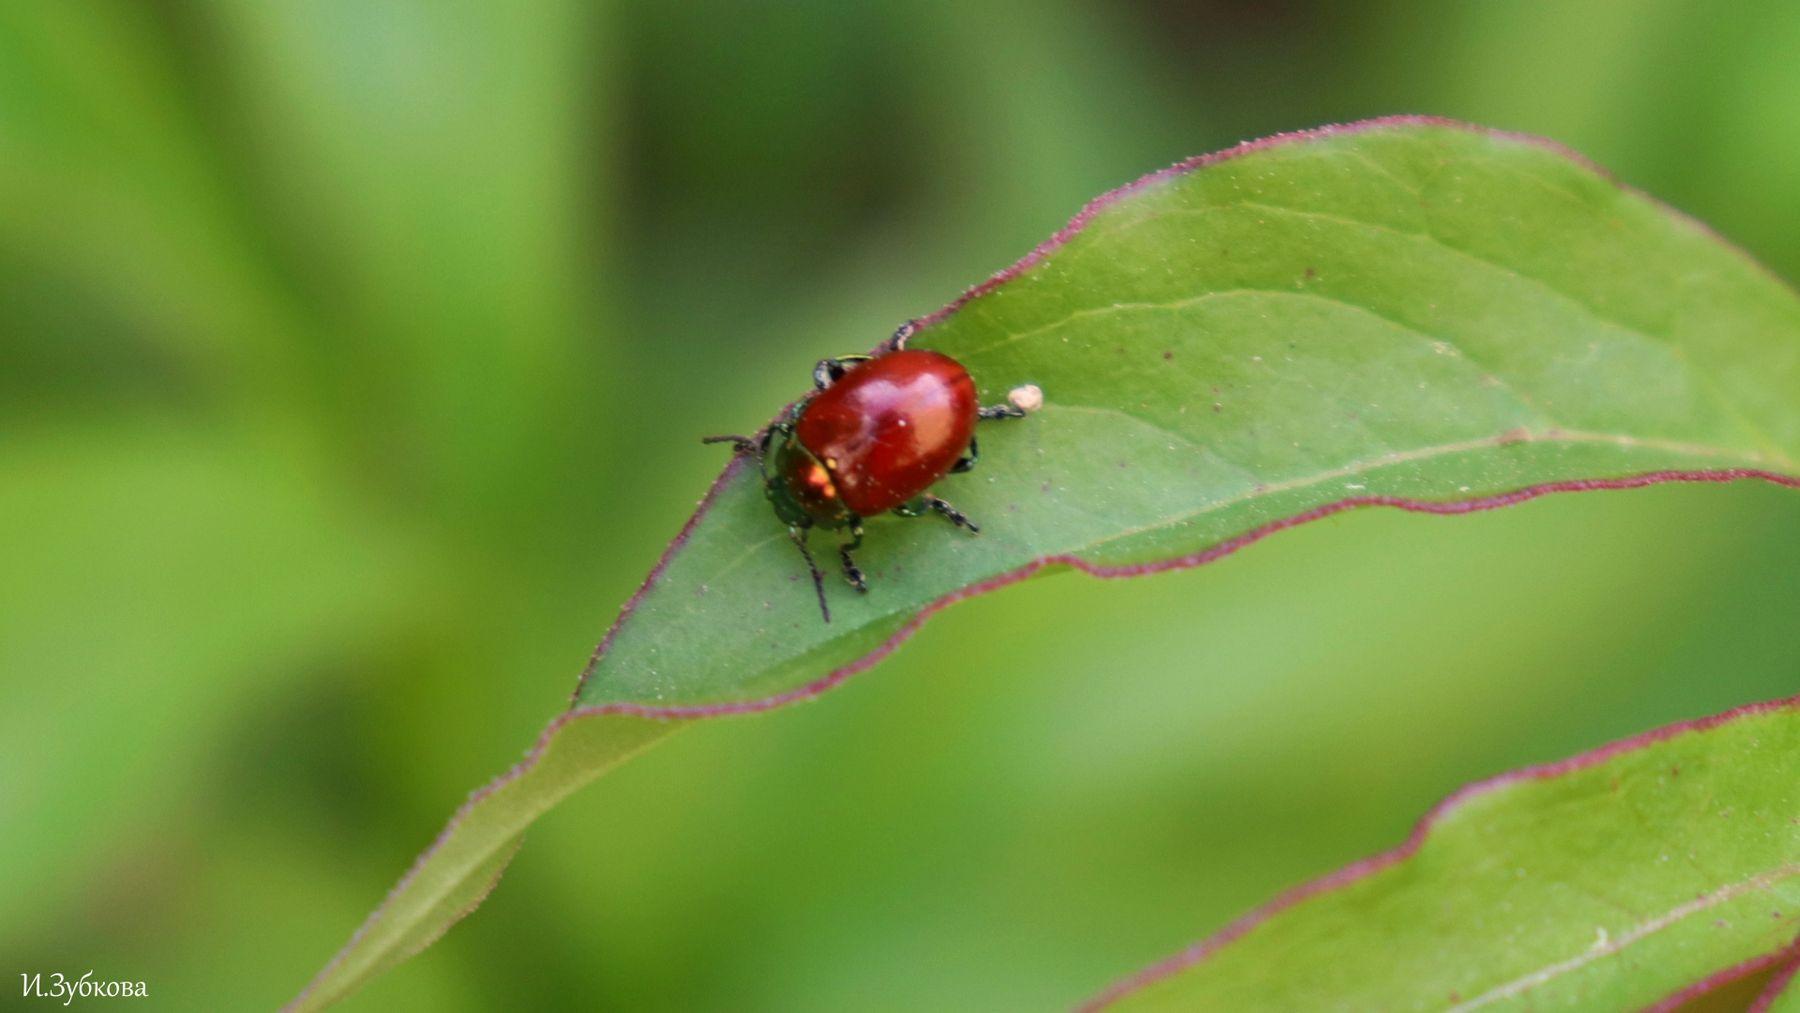 Осиновый жук листоед жук насекомые макро